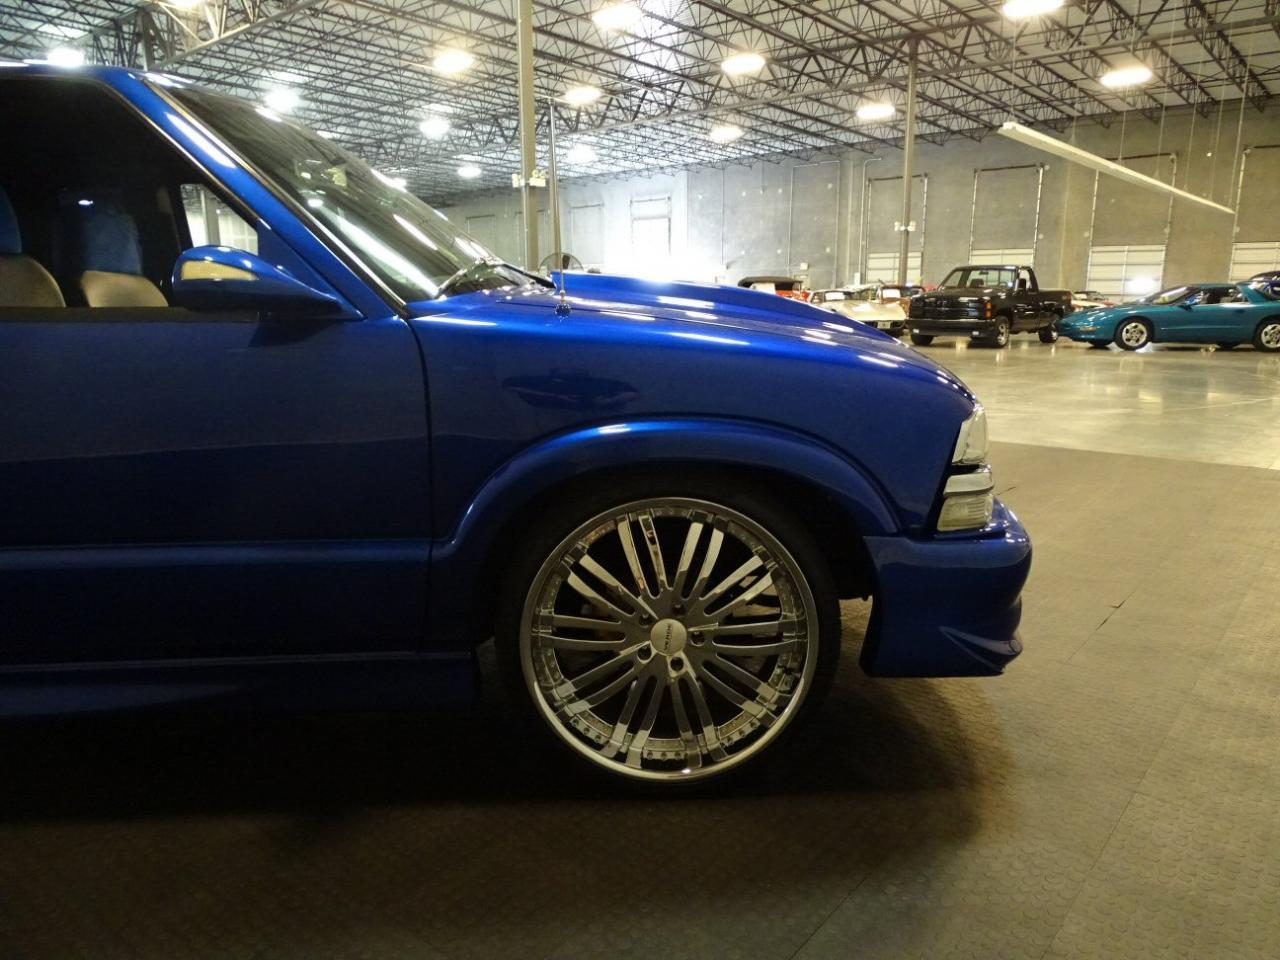 2001 Chevrolet S10 15